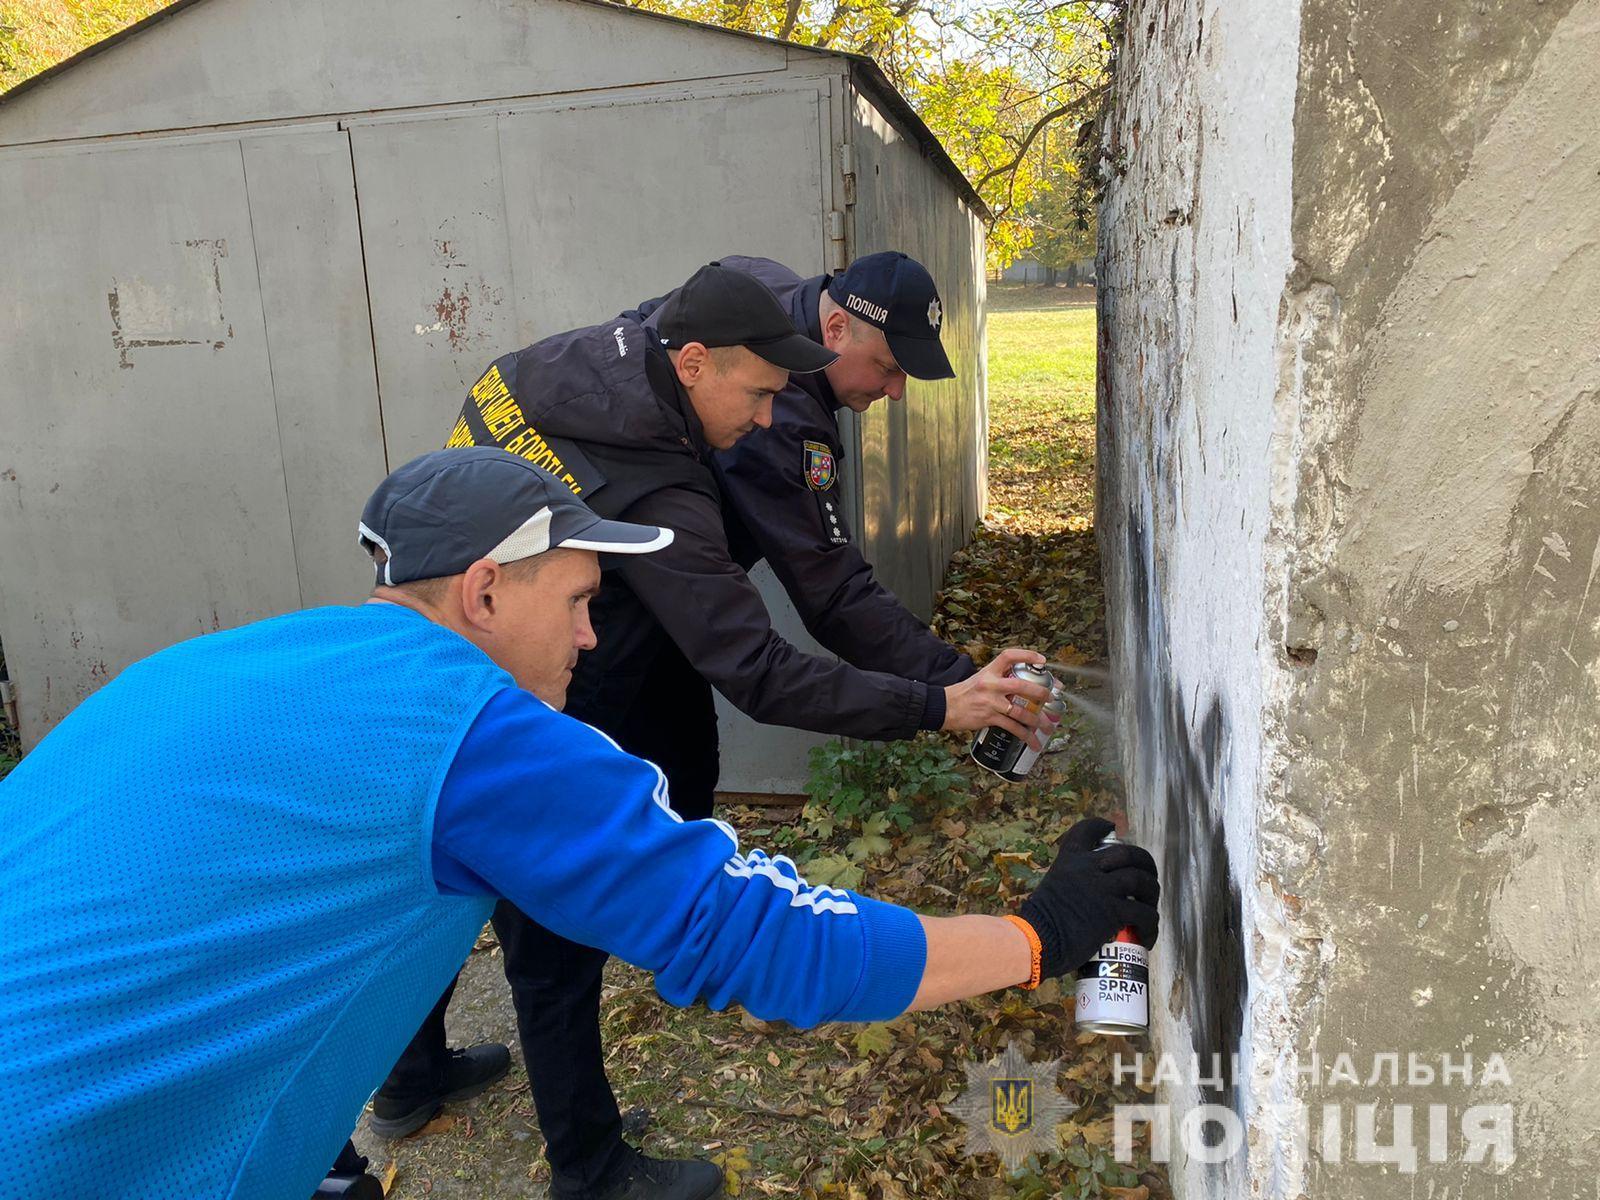 У Вінниці поліцейські та представники міжнародної антинаркотичної асоціації провели рейд